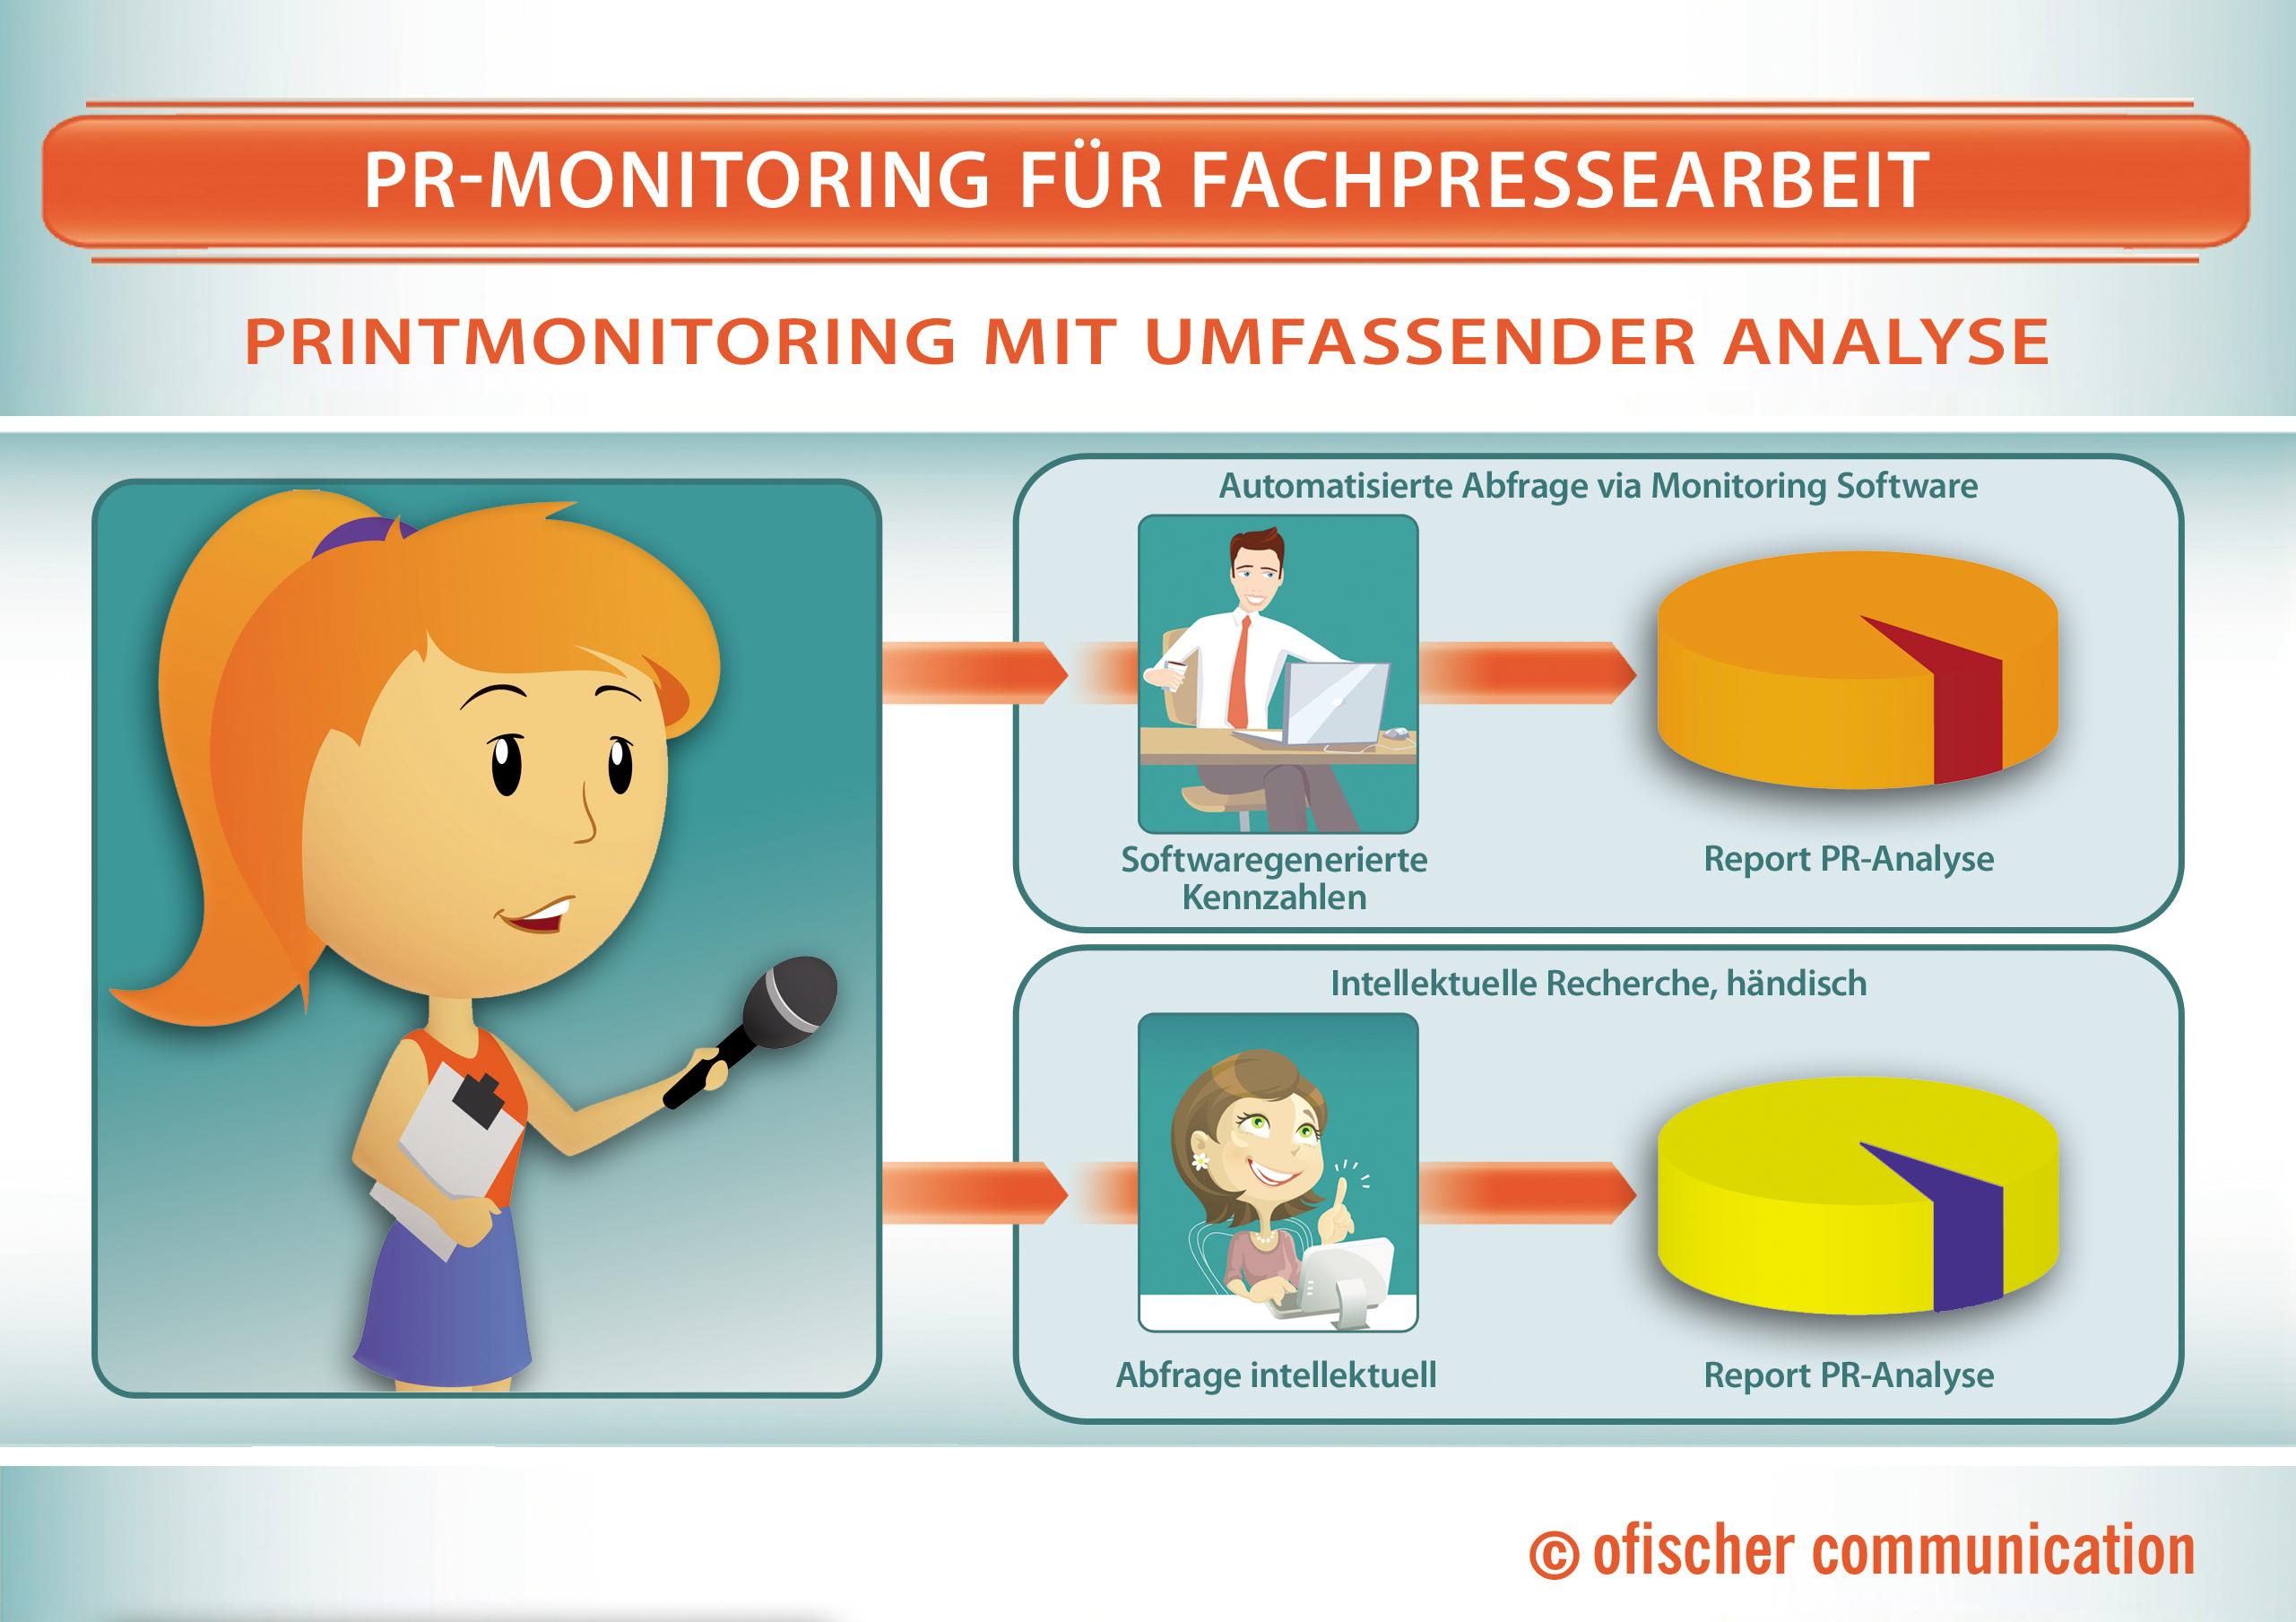 PR-Monitoring für Ihre Fachpressearbeit. Printmonitoring ausgewählter Fachpressetitel und Onlineplattformen mit umfassender Analyse.